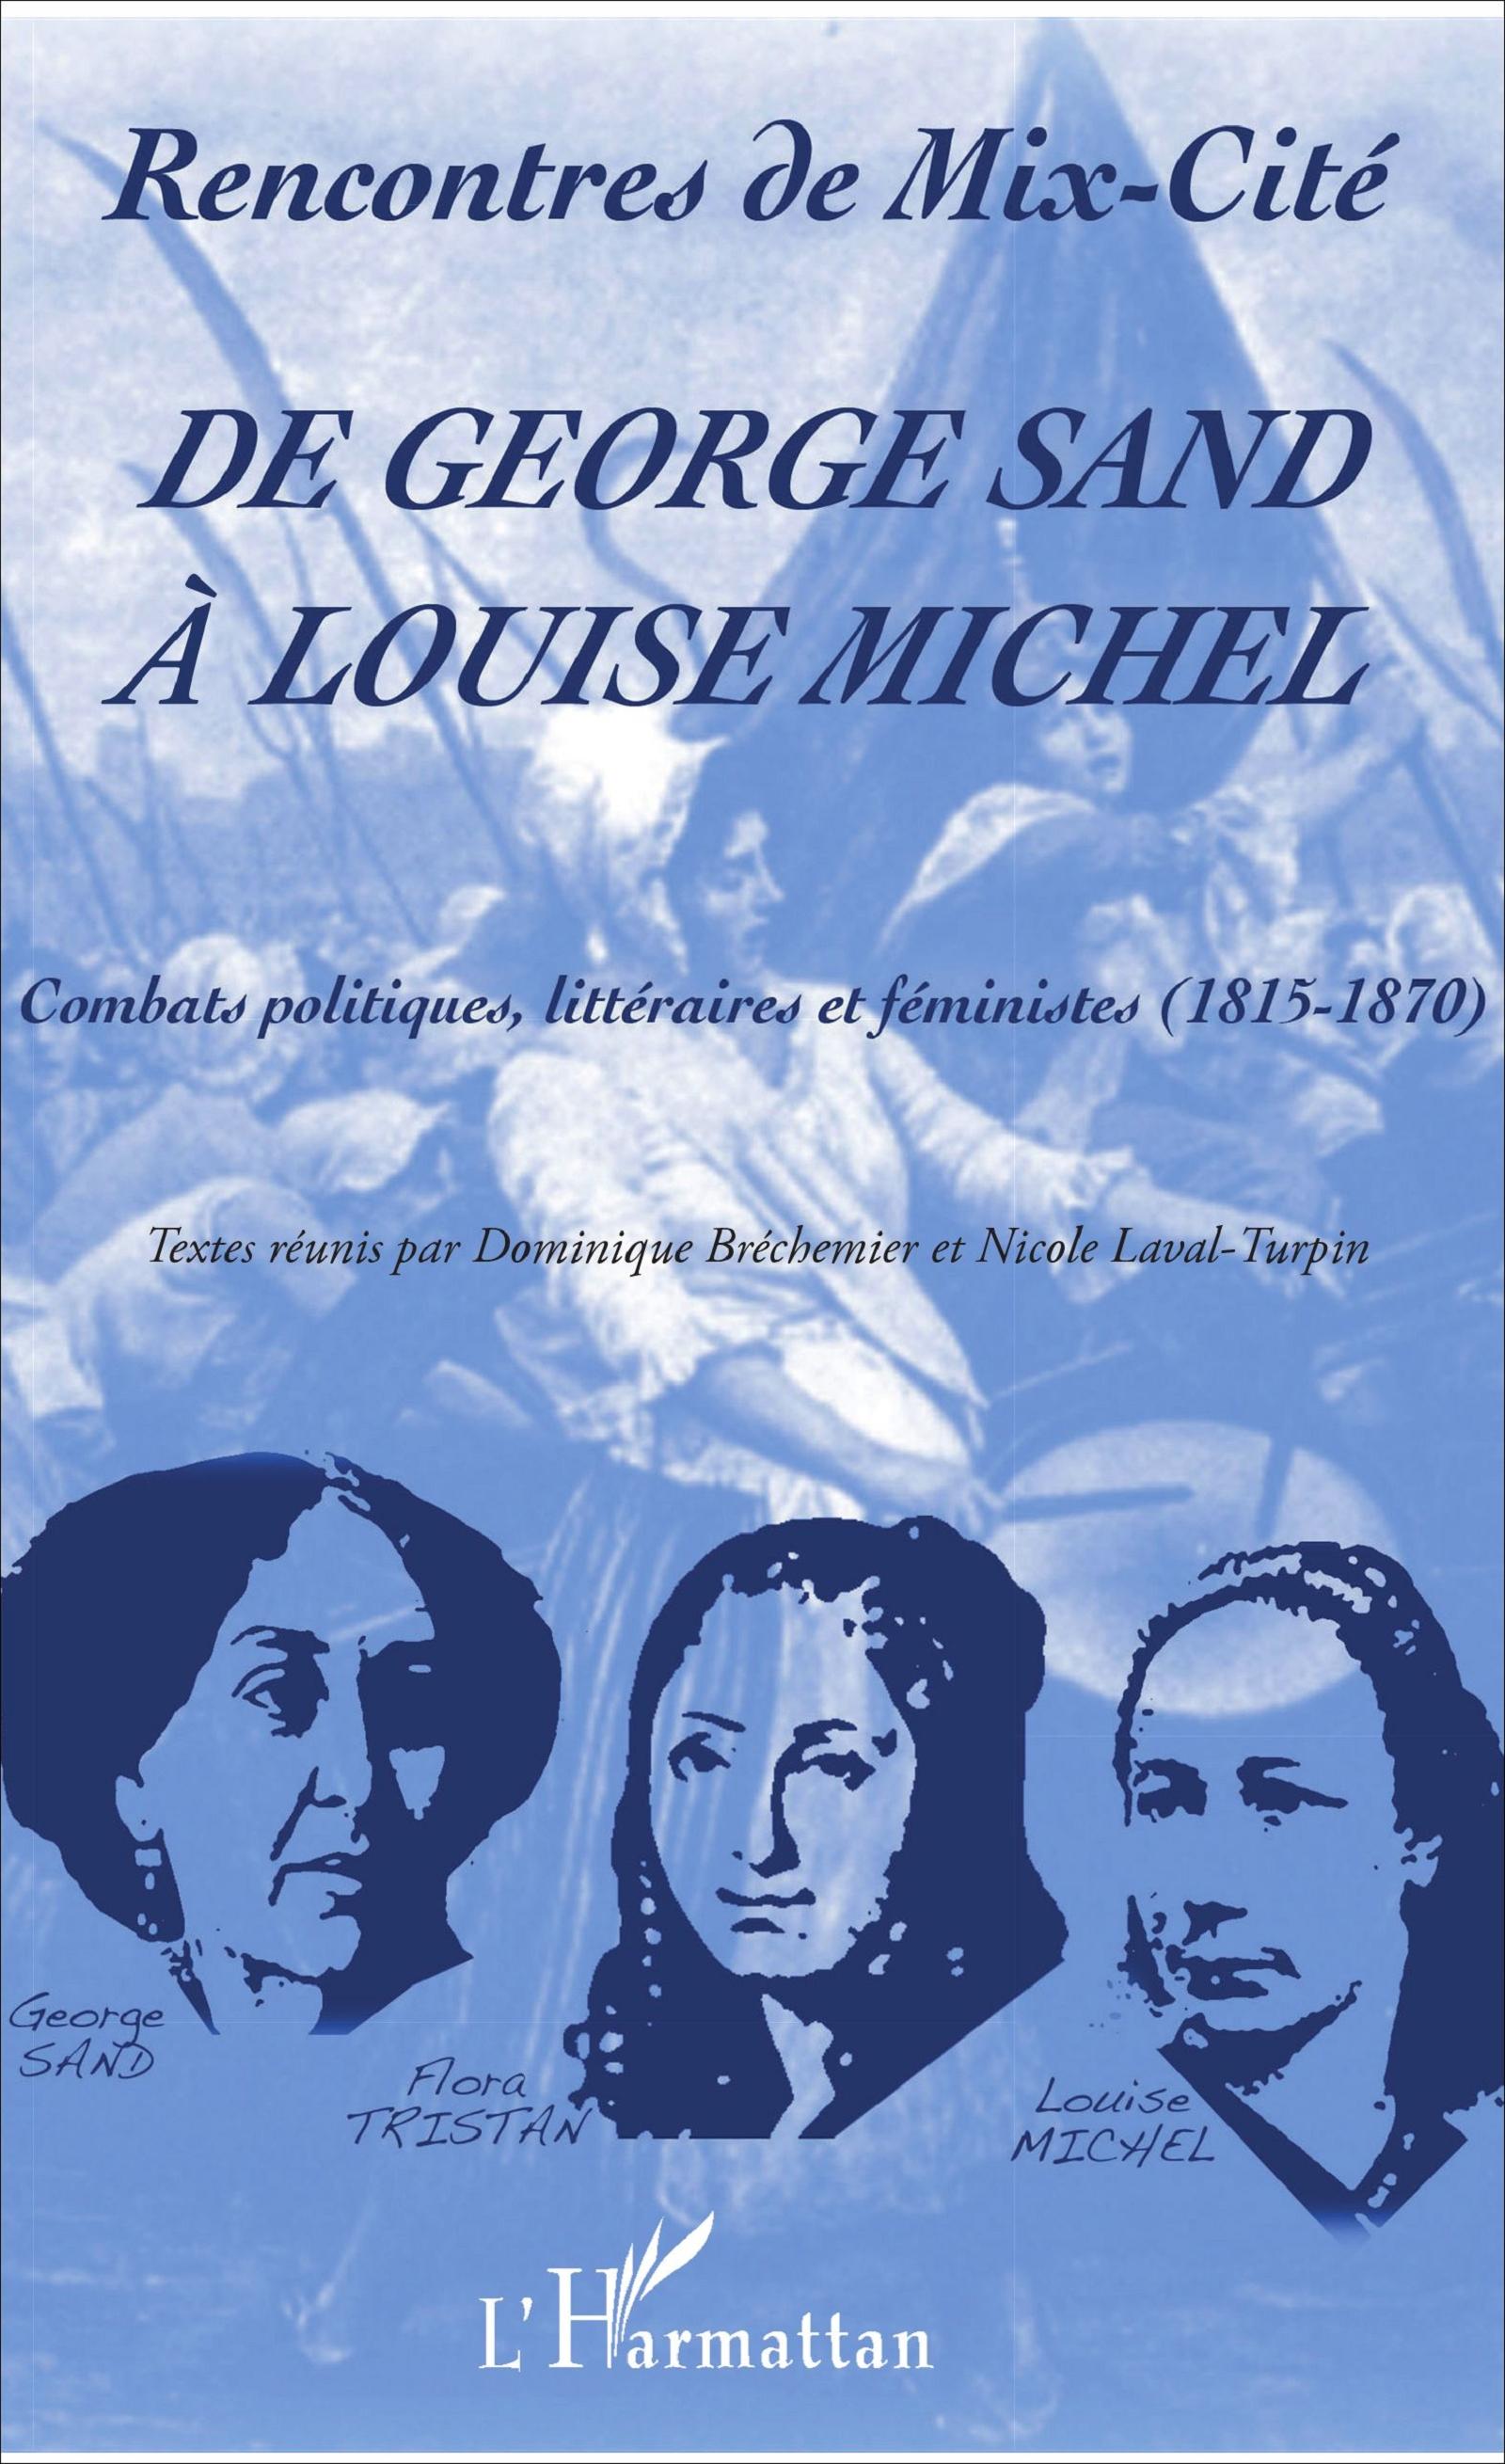 D. Bréchemier et N. Laval-Turpin (dir.), De George Sand à Louise Michel : Combats politiques, littéraires et féministes (1815-1870)